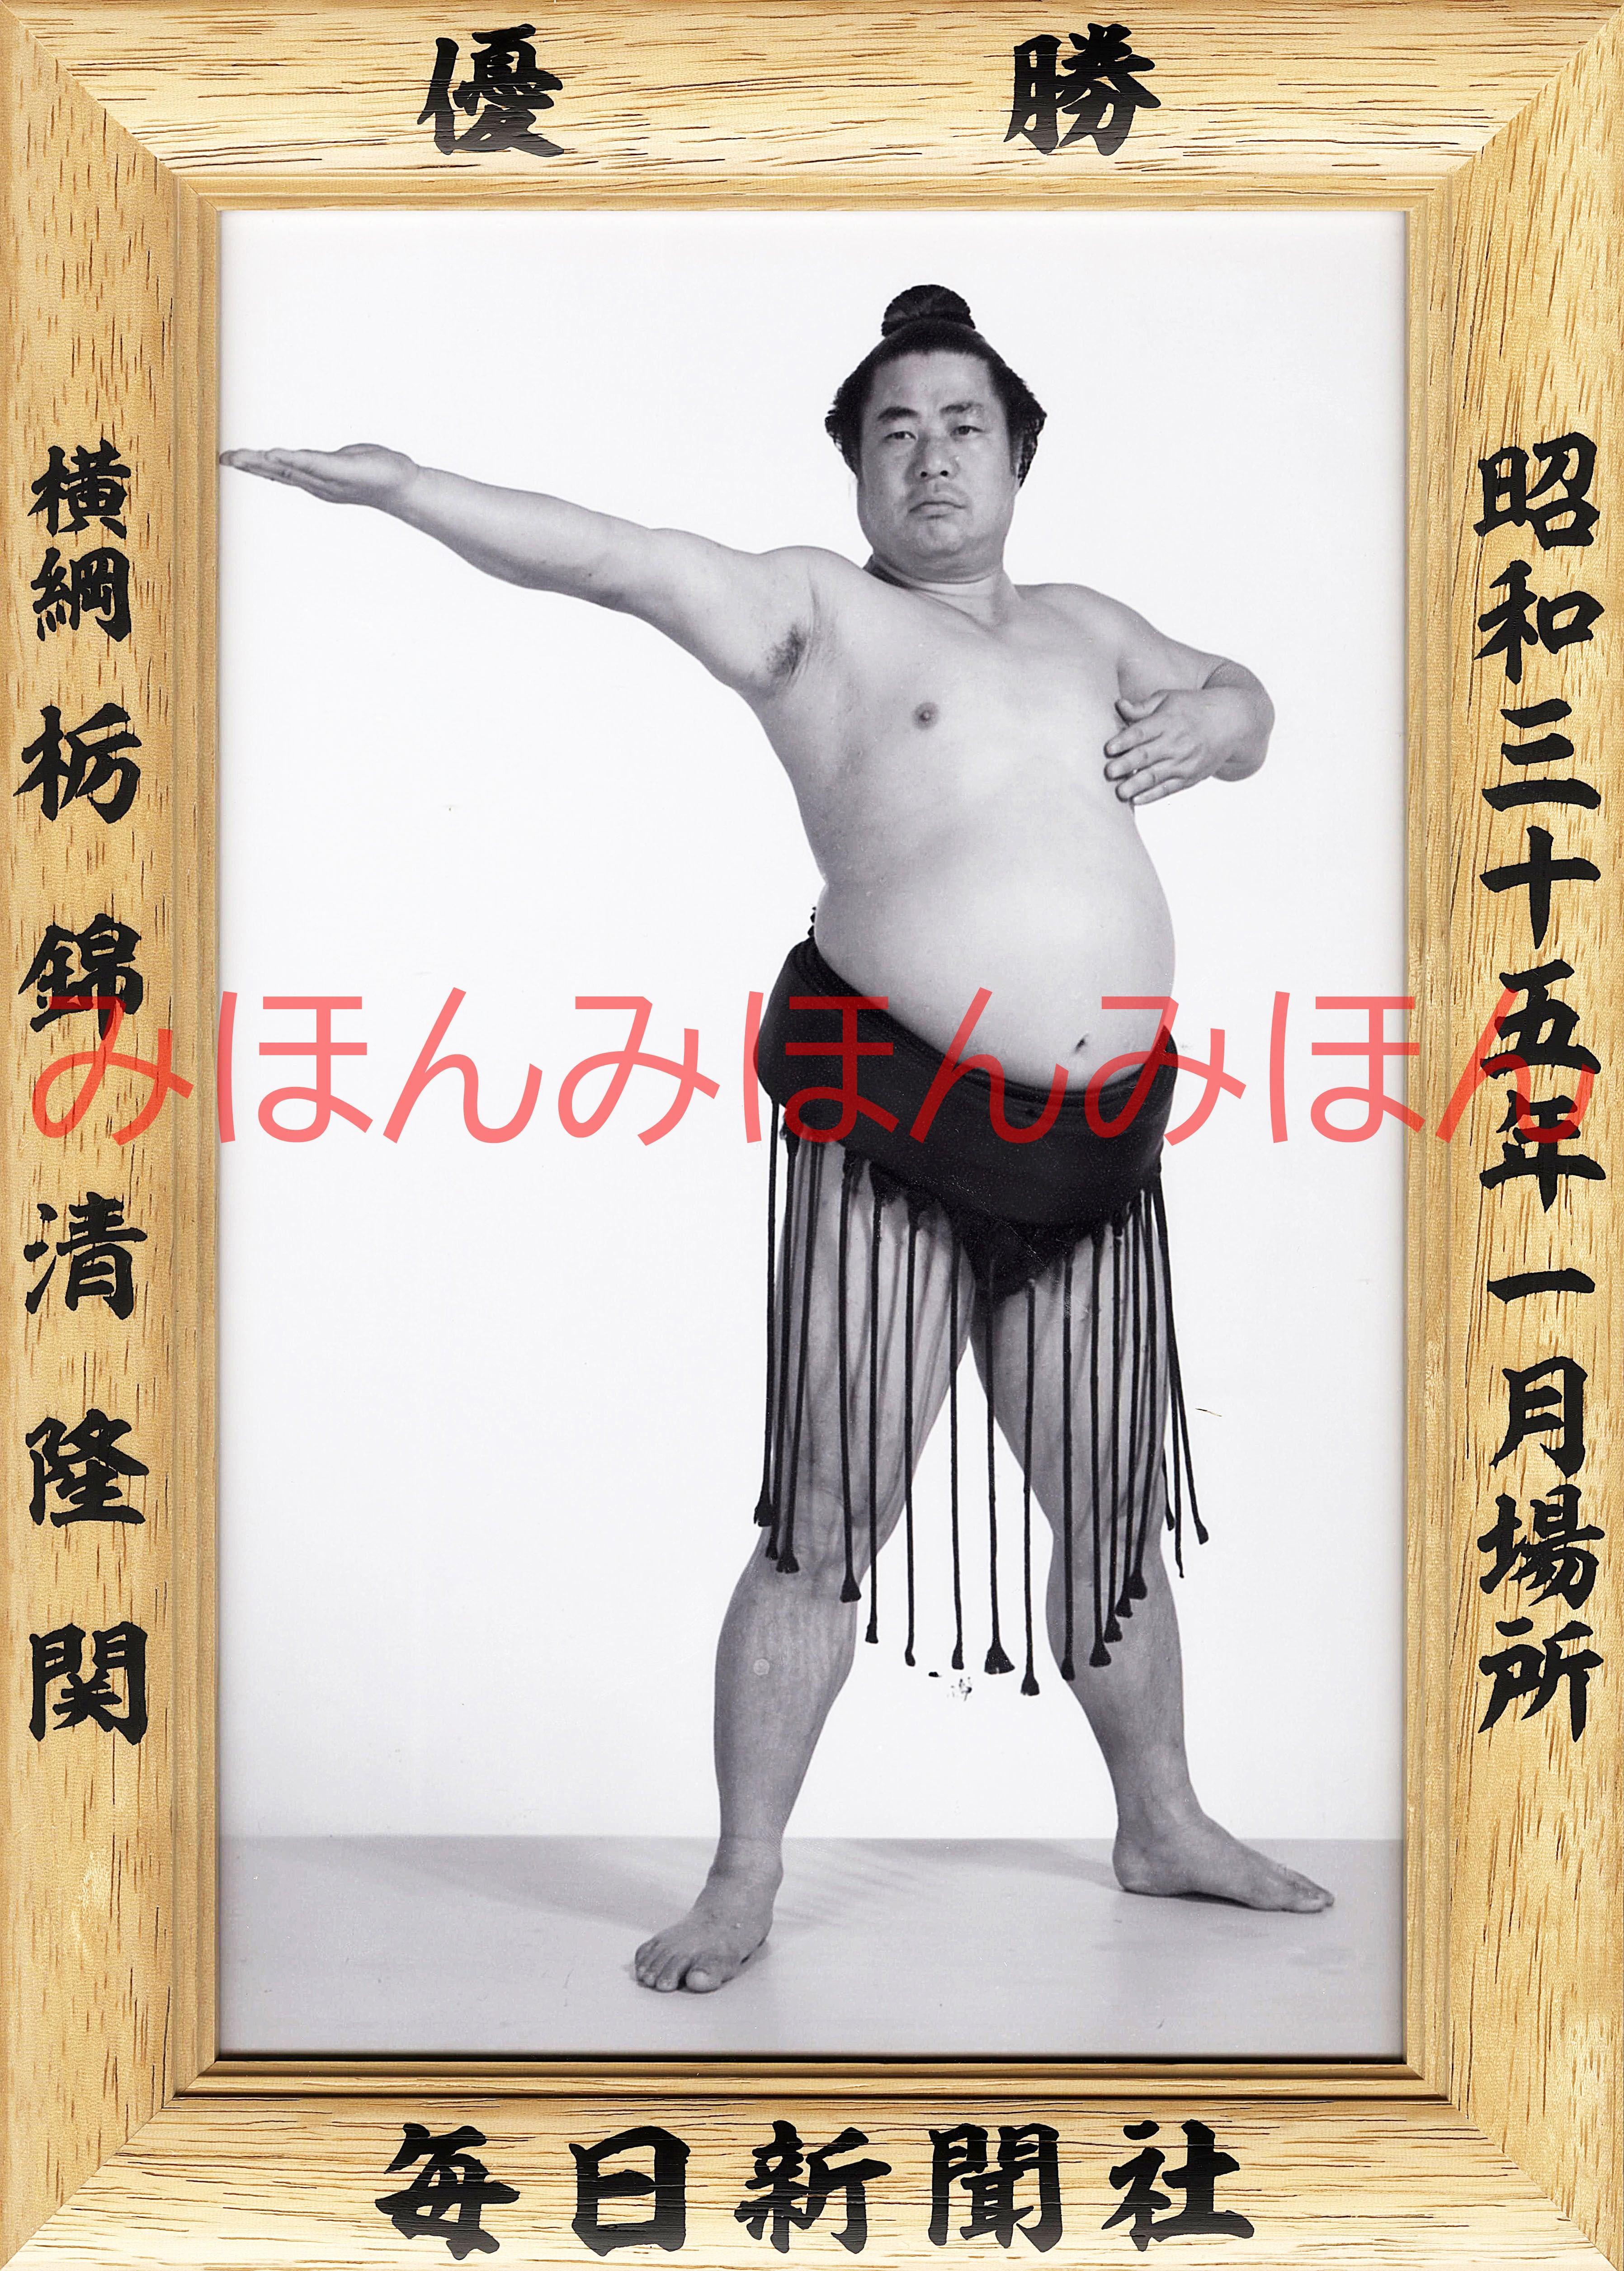 昭和35年1月場所優勝 横綱 栃錦清隆関(10回目最後の優勝)